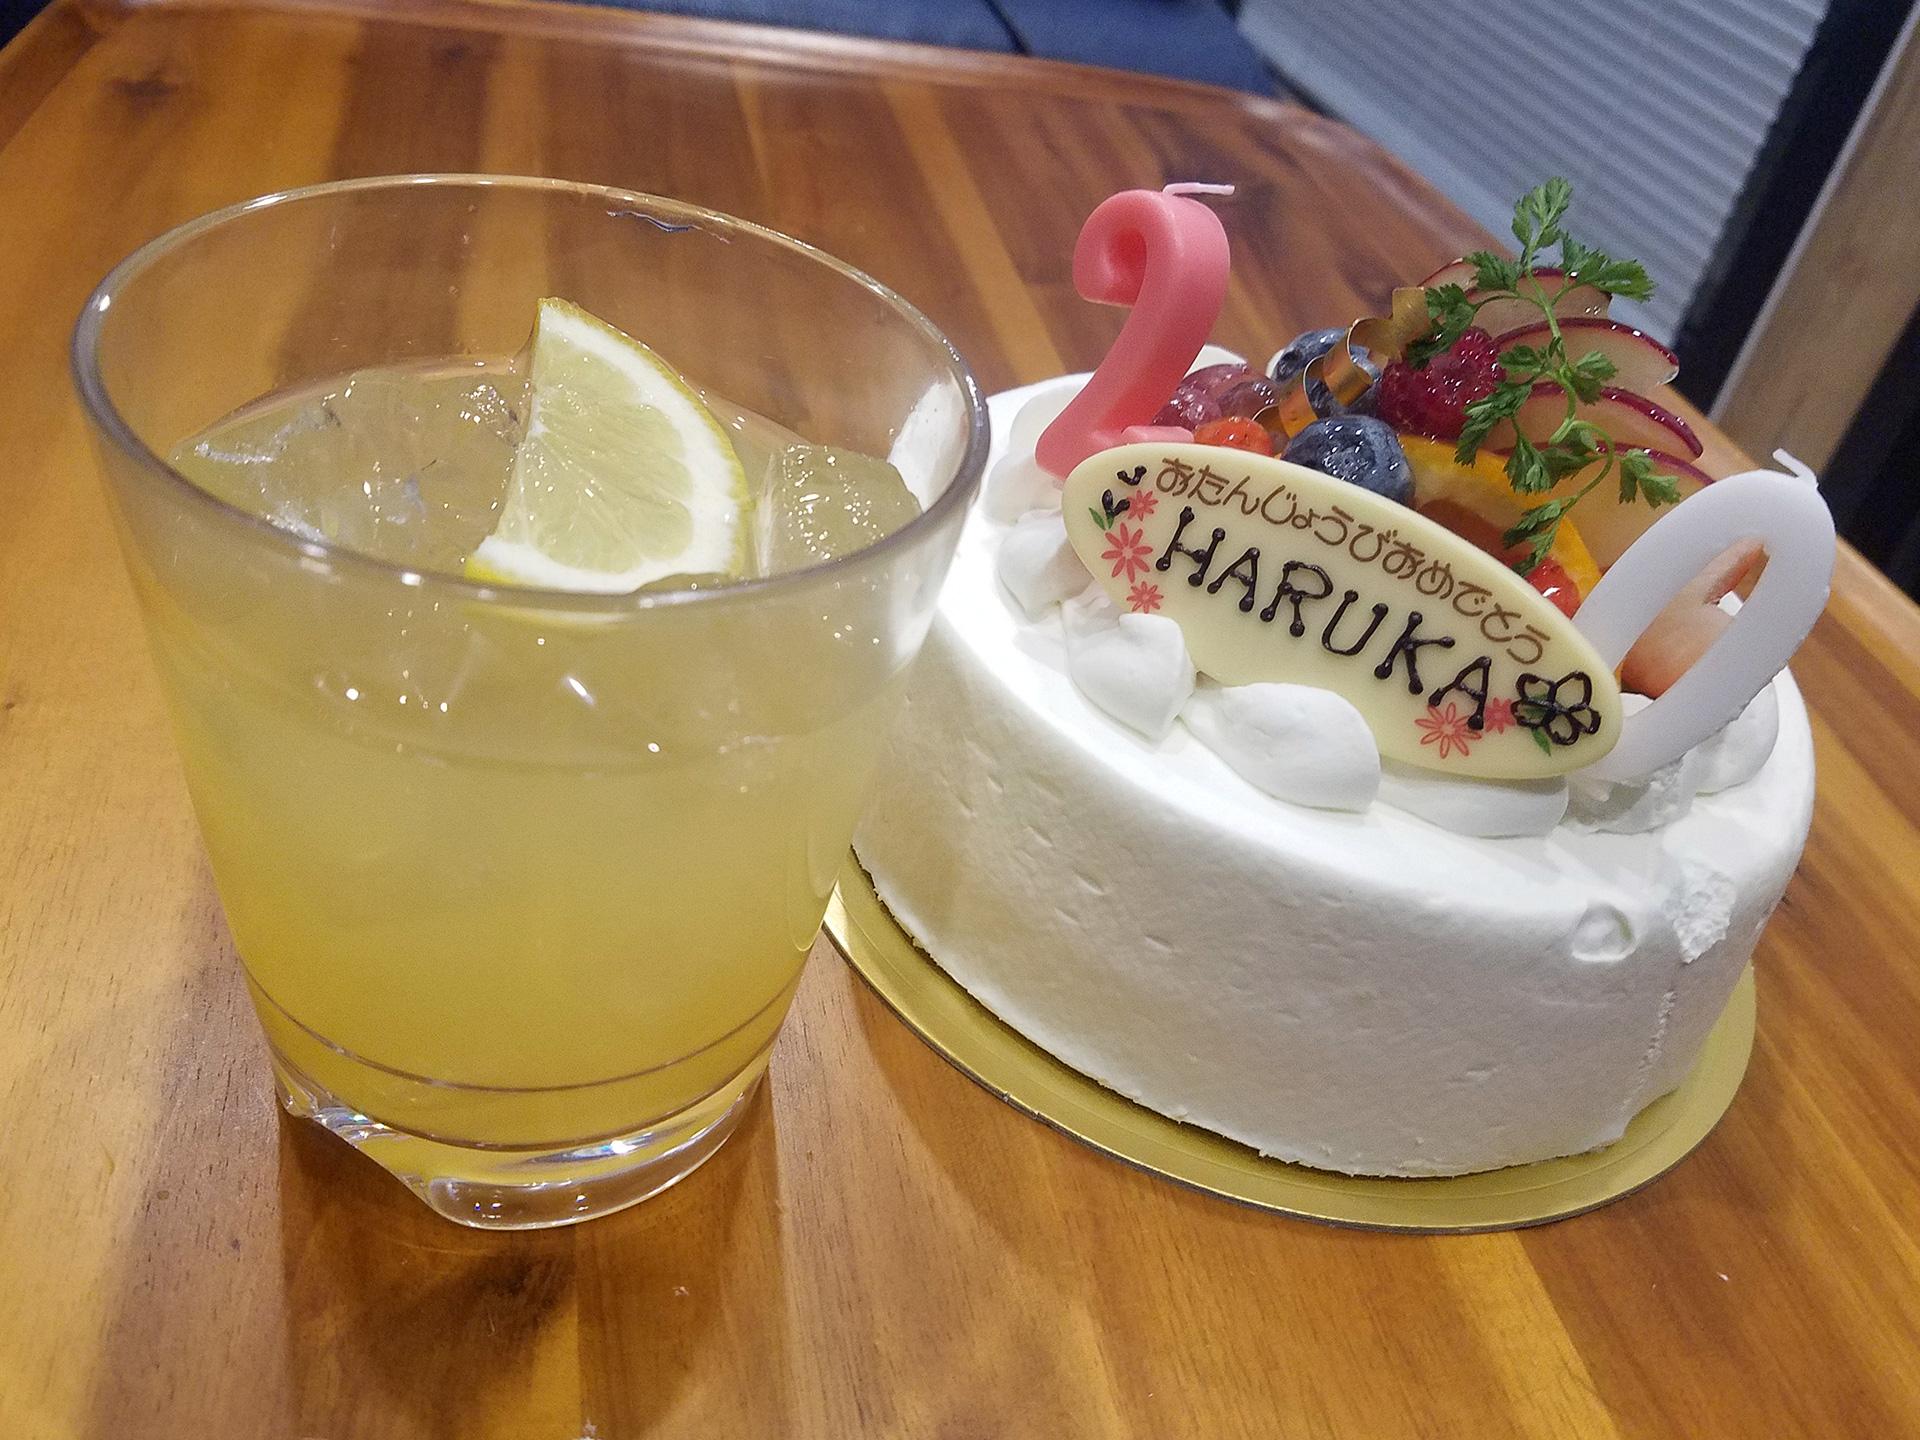 ケーキを持ち込み、姪っ子と愛犬さくらの誕生日をお祝いしました。